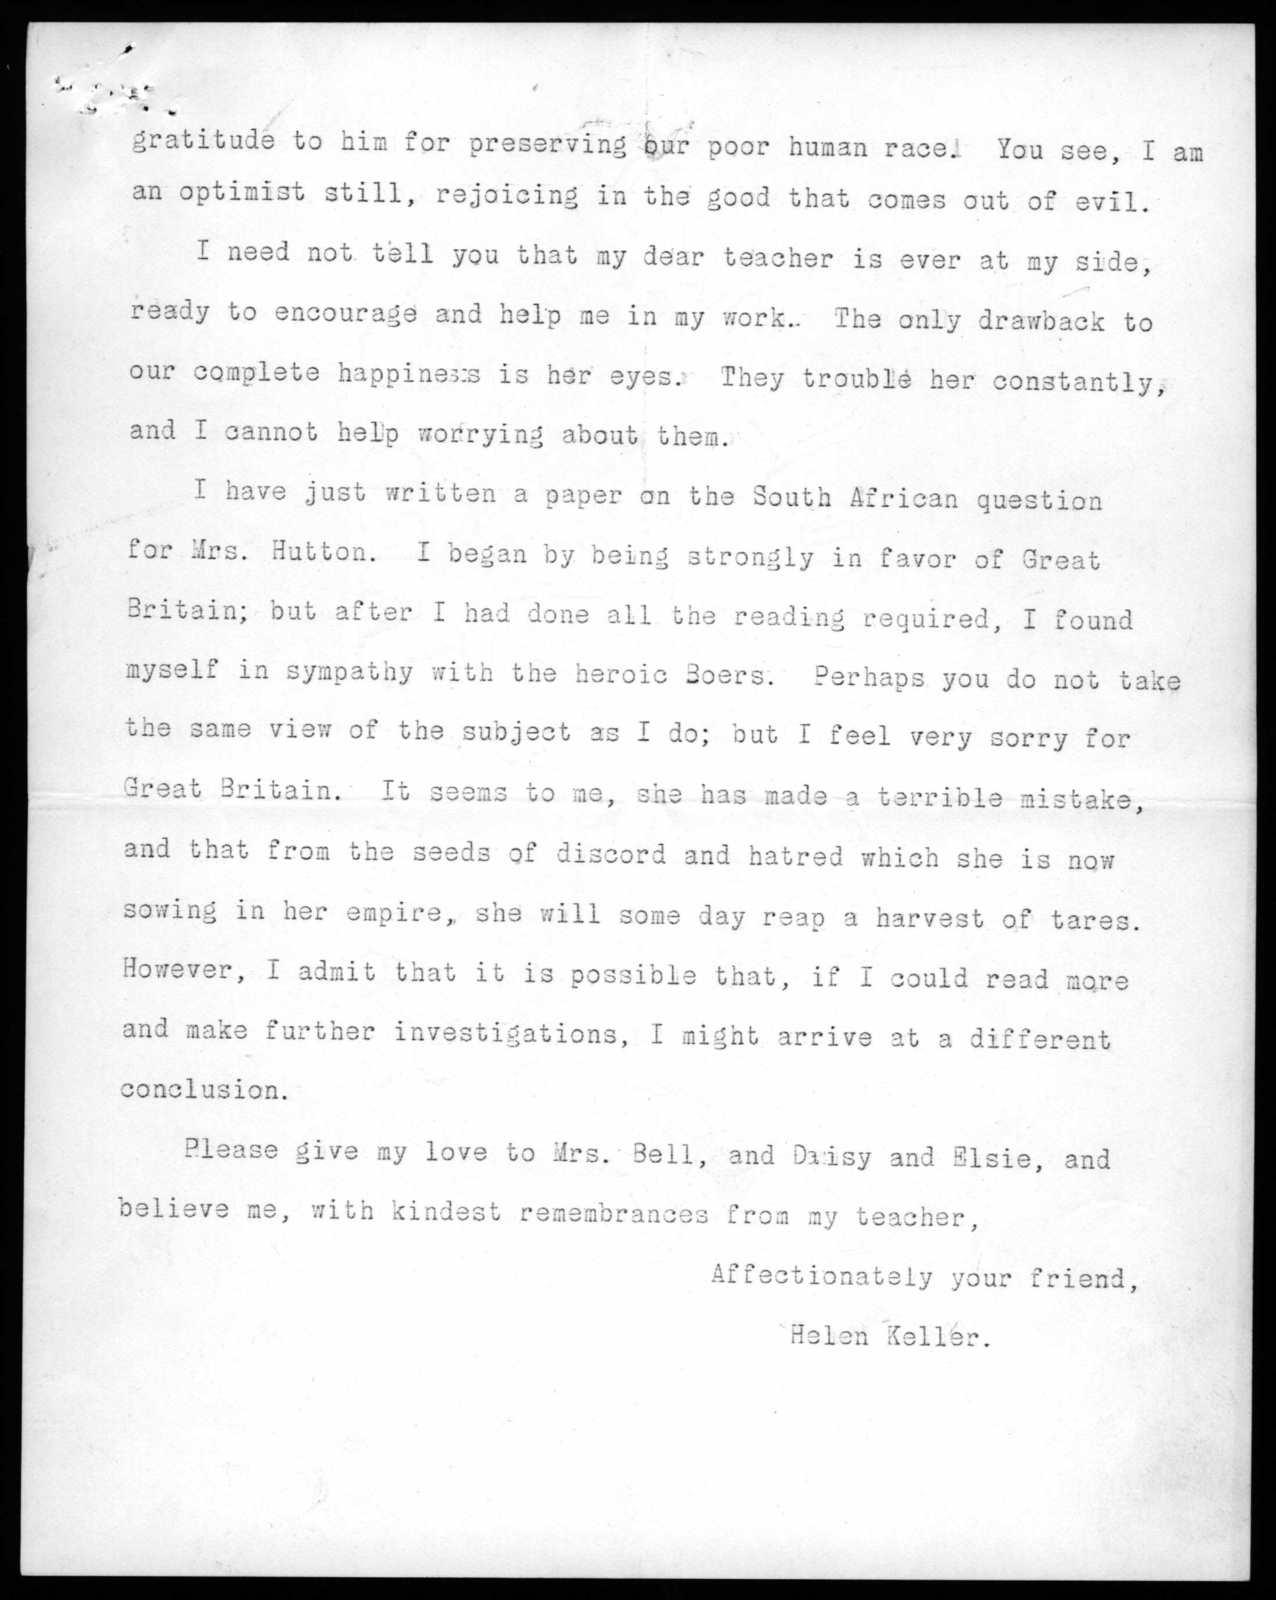 Letter from Helen Keller to Alexander Graham Bell, March 9, 1900